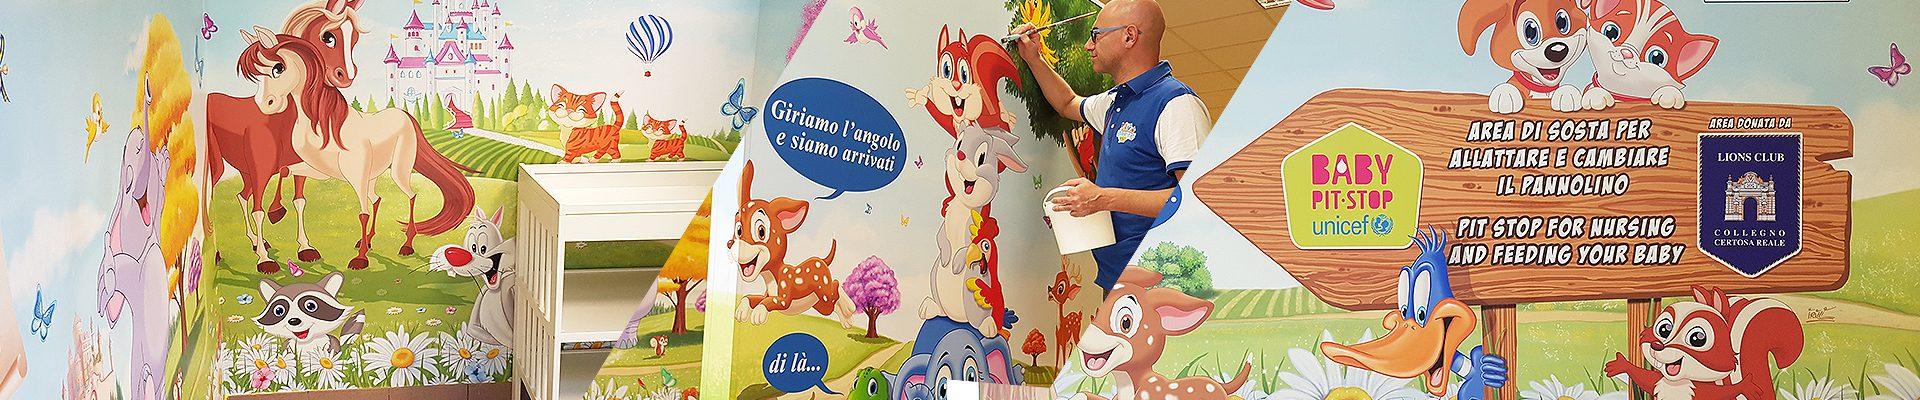 murales-area-giochi-asl-ospedale-collegno-ospedali-dipinti-banner